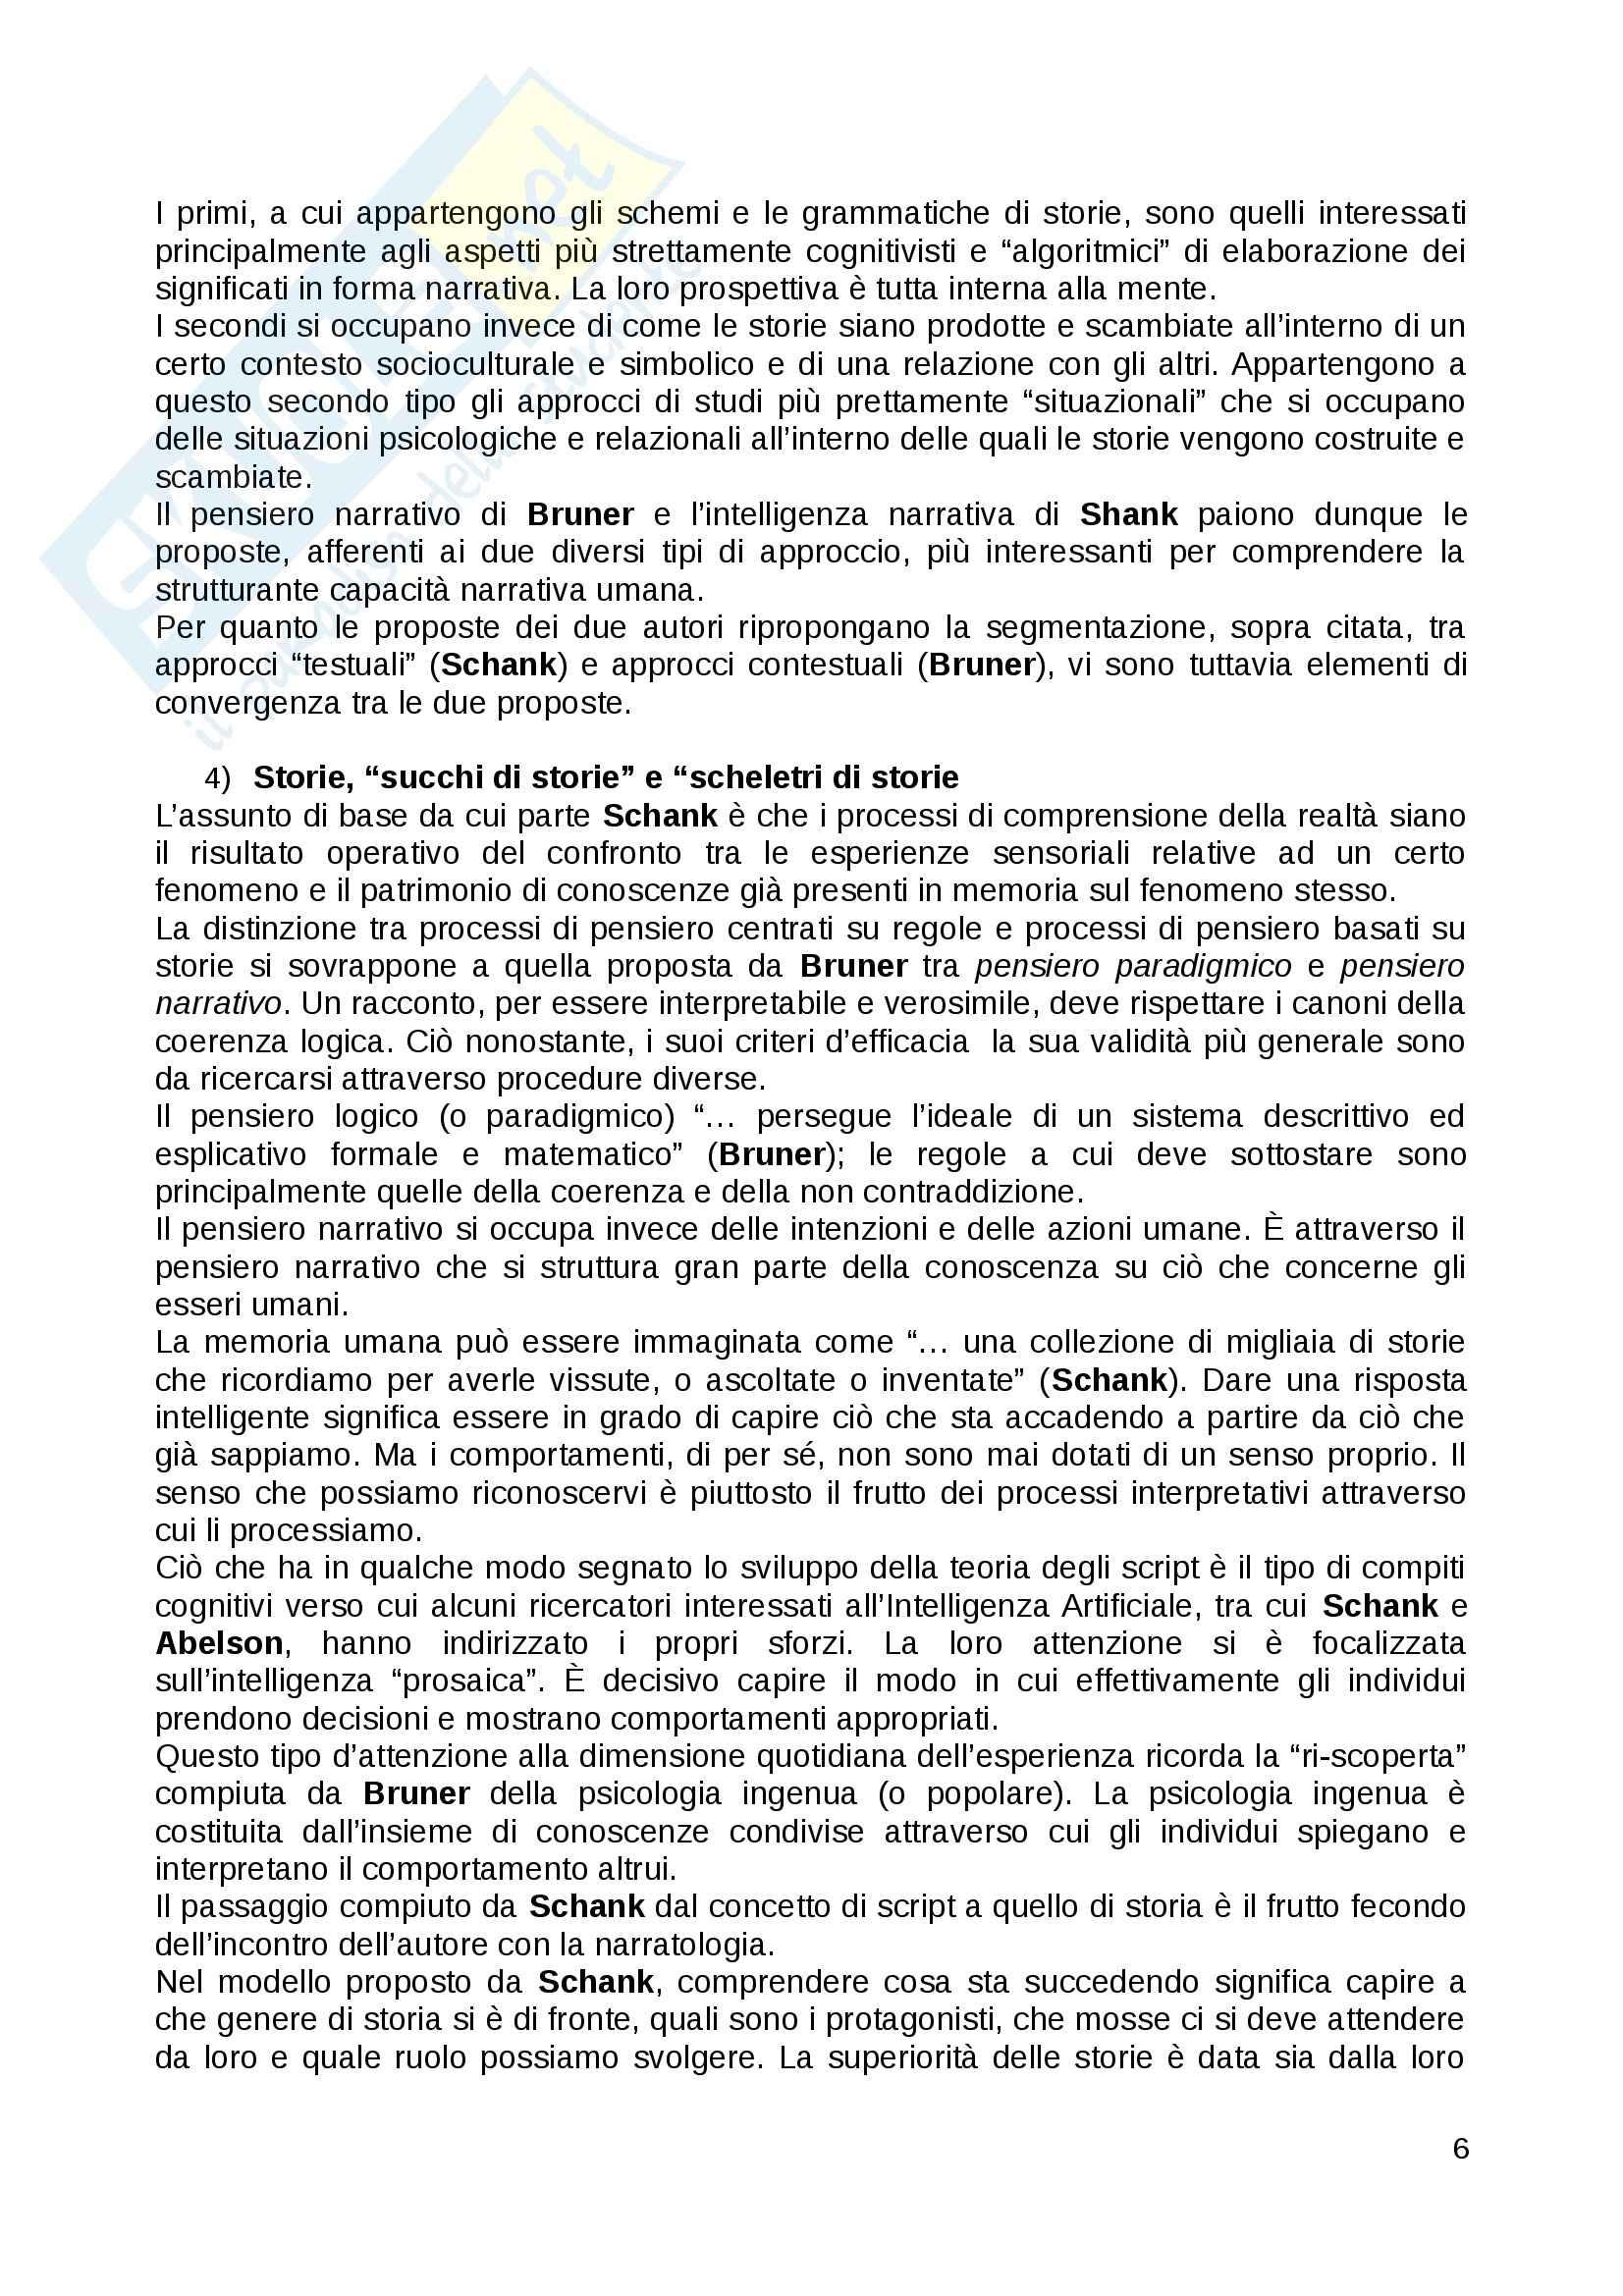 Riassunto esame Ricerca sociale, prof. Di Fraia, libro consigliato Storie confuse: Pensiero narrativo, sociologia e media Pag. 6